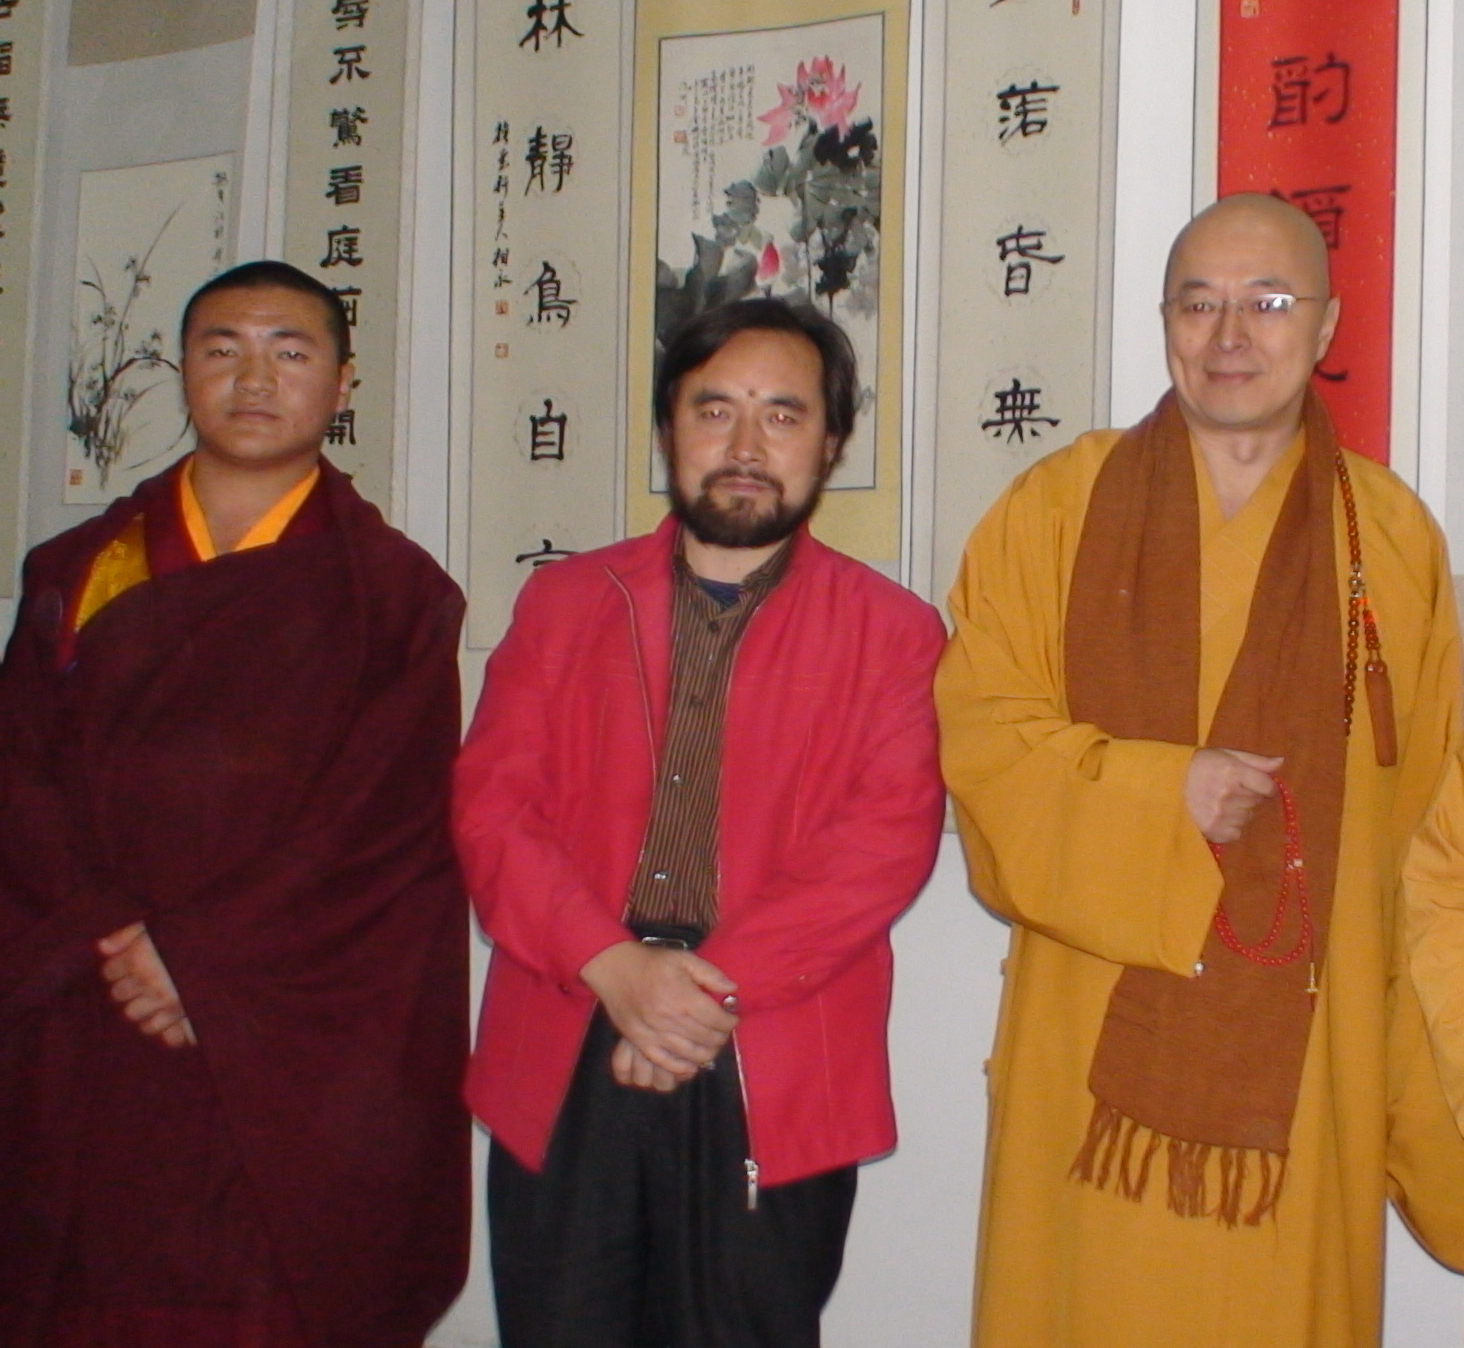 海峡两岸的佛学交流――台湾高僧海涛法师访问凉州与